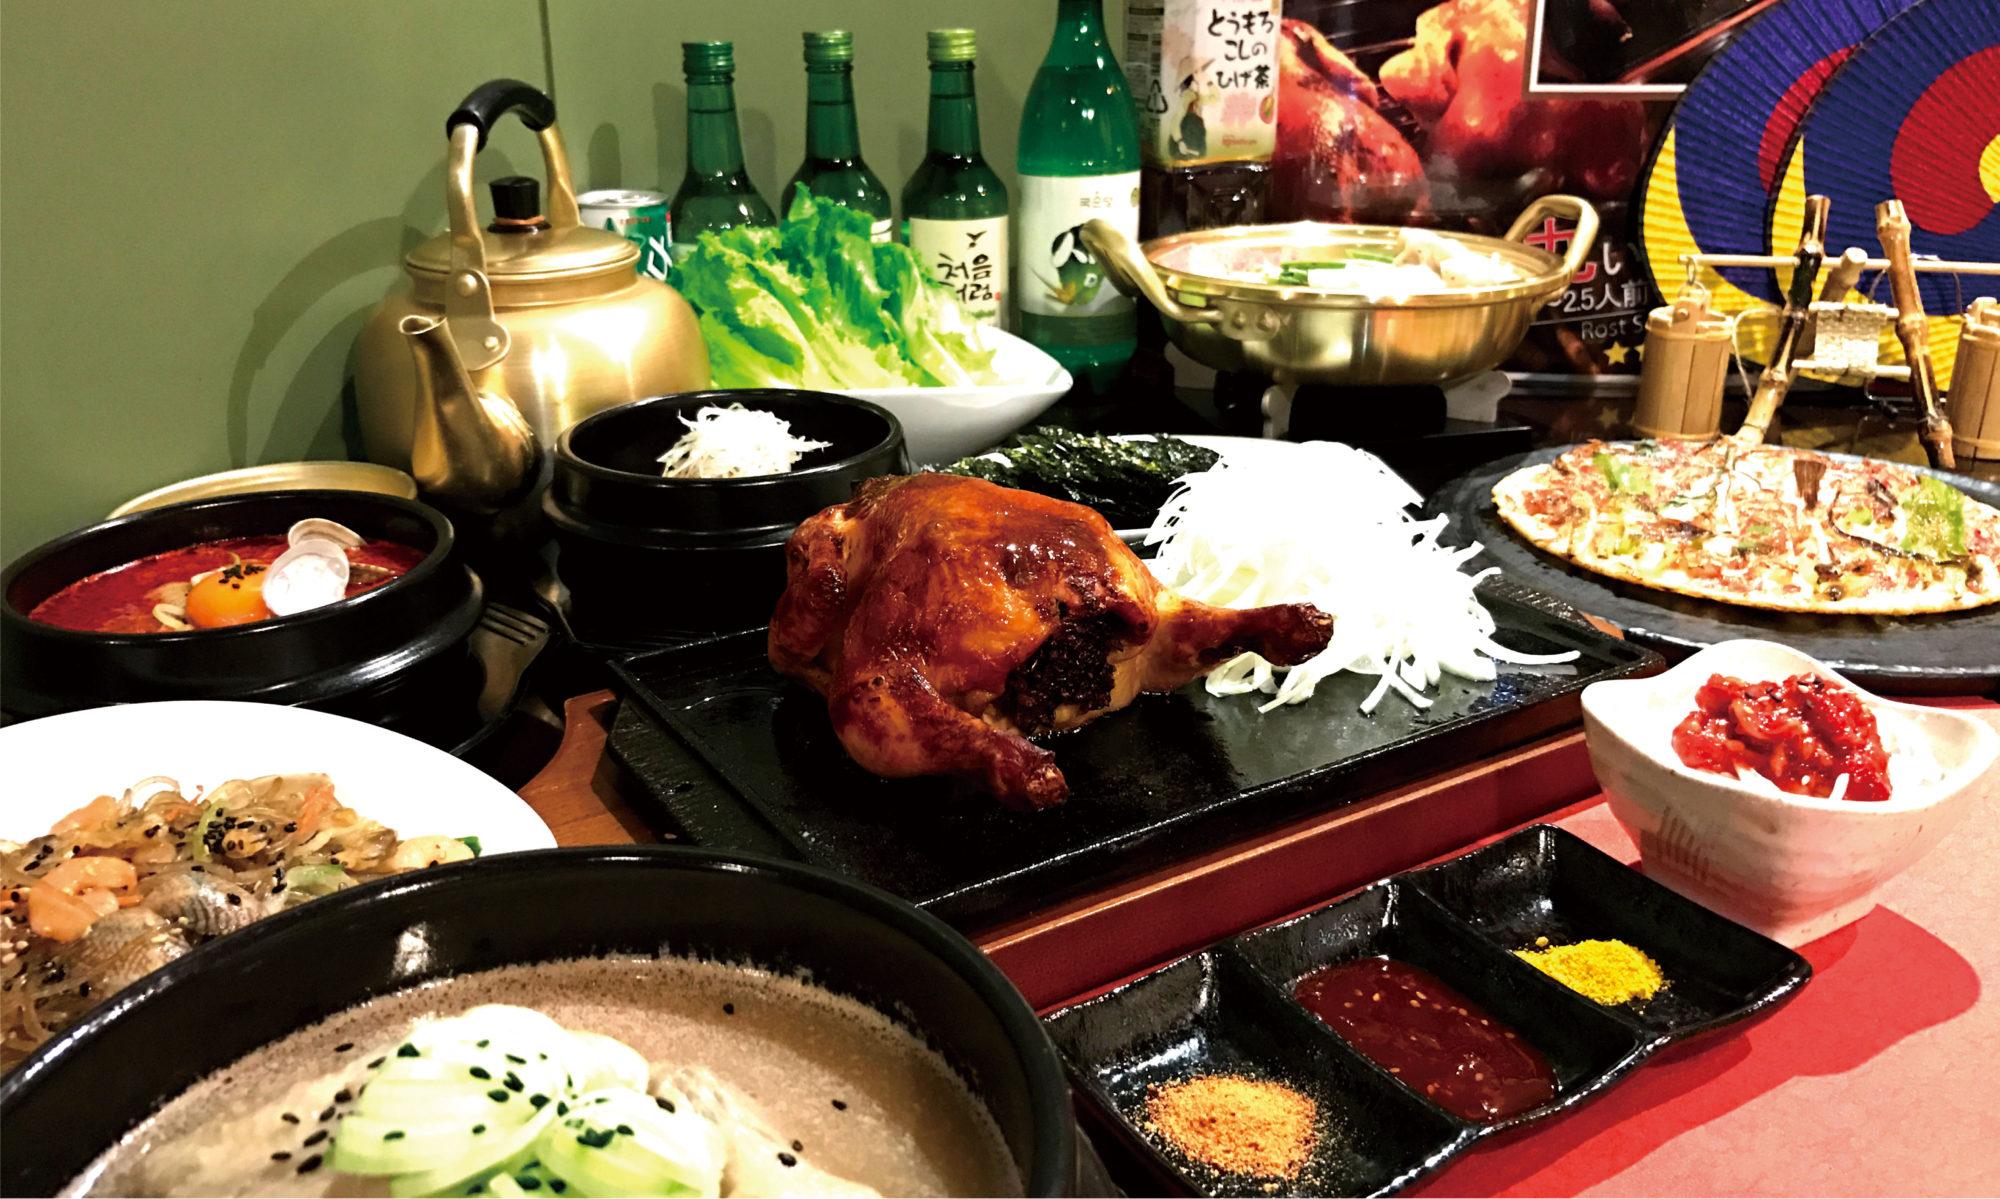 関内韓国料理ソクチョサムゲタン漢方焼きサムゲタン参鶏湯専門店